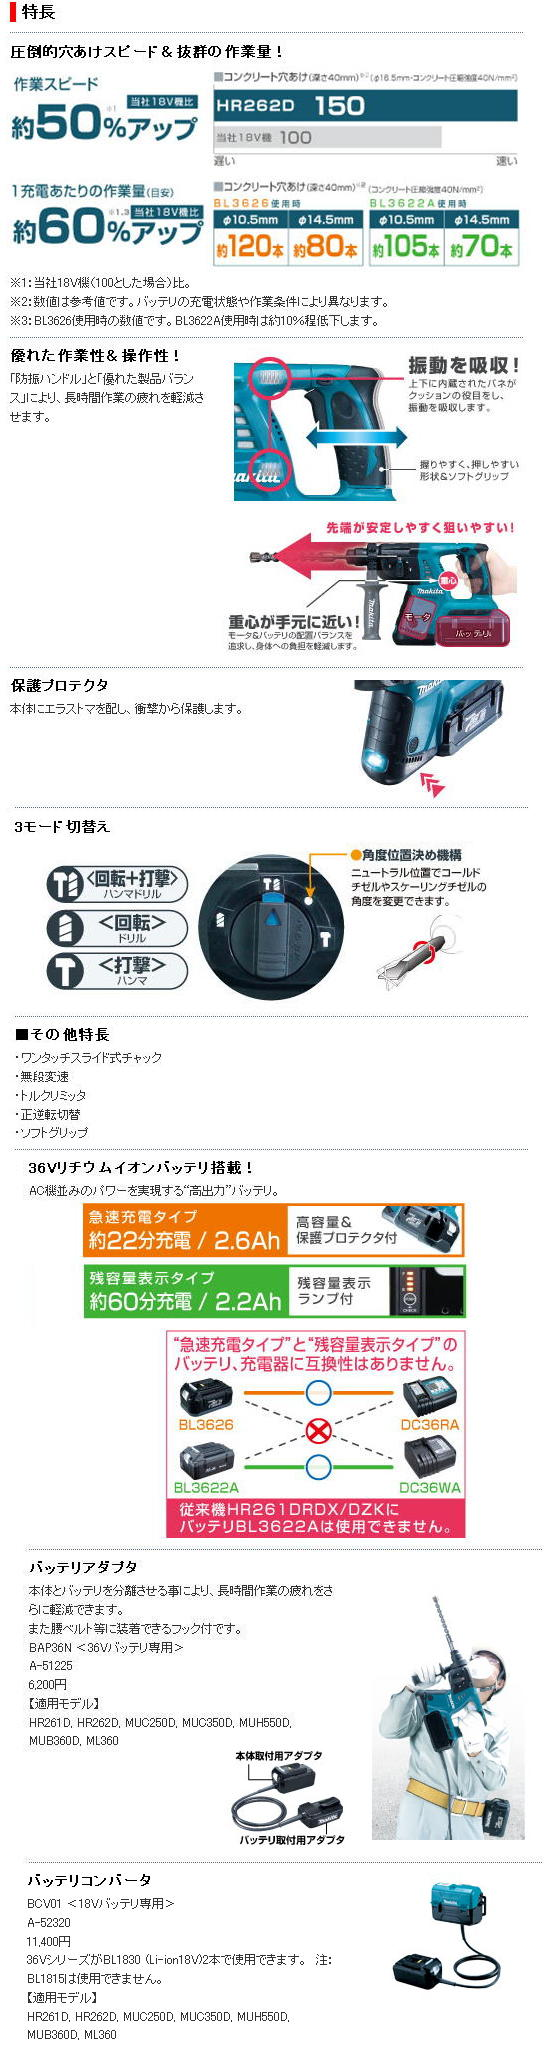 マキタ 26mm充電式ハンマドリル HR262D